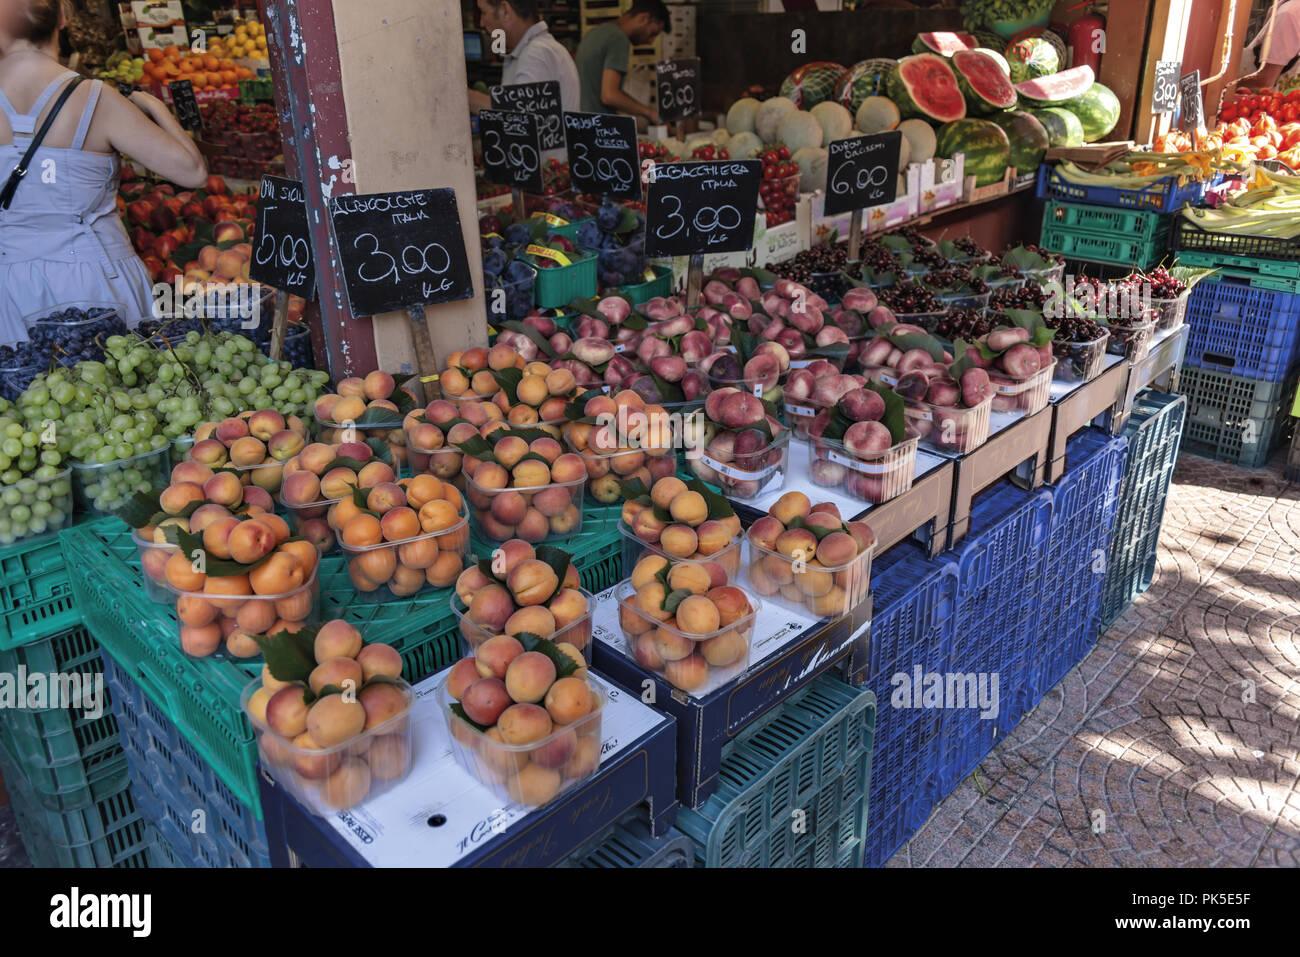 Mercato della frutta della verdura e del pesce Ventimiglia 2 - Stock Image